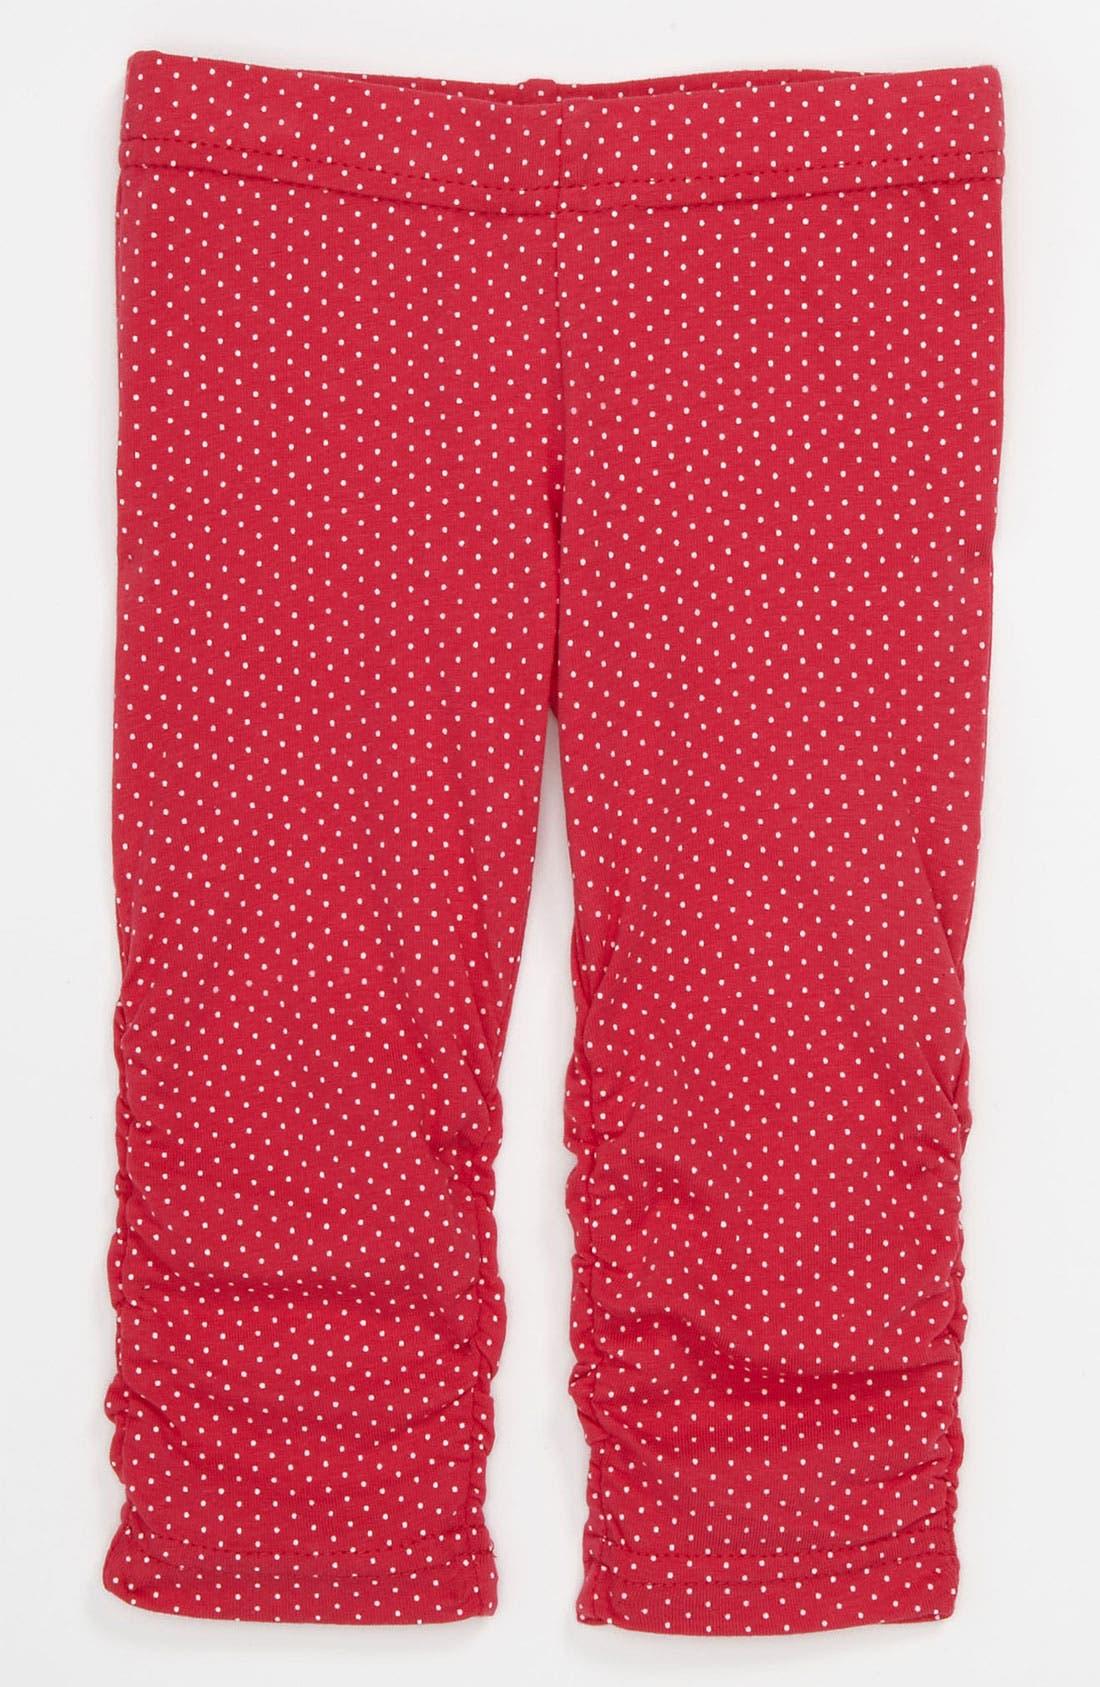 Alternate Image 1 Selected - Pumpkin Patch Capri Leggings (Toddler)